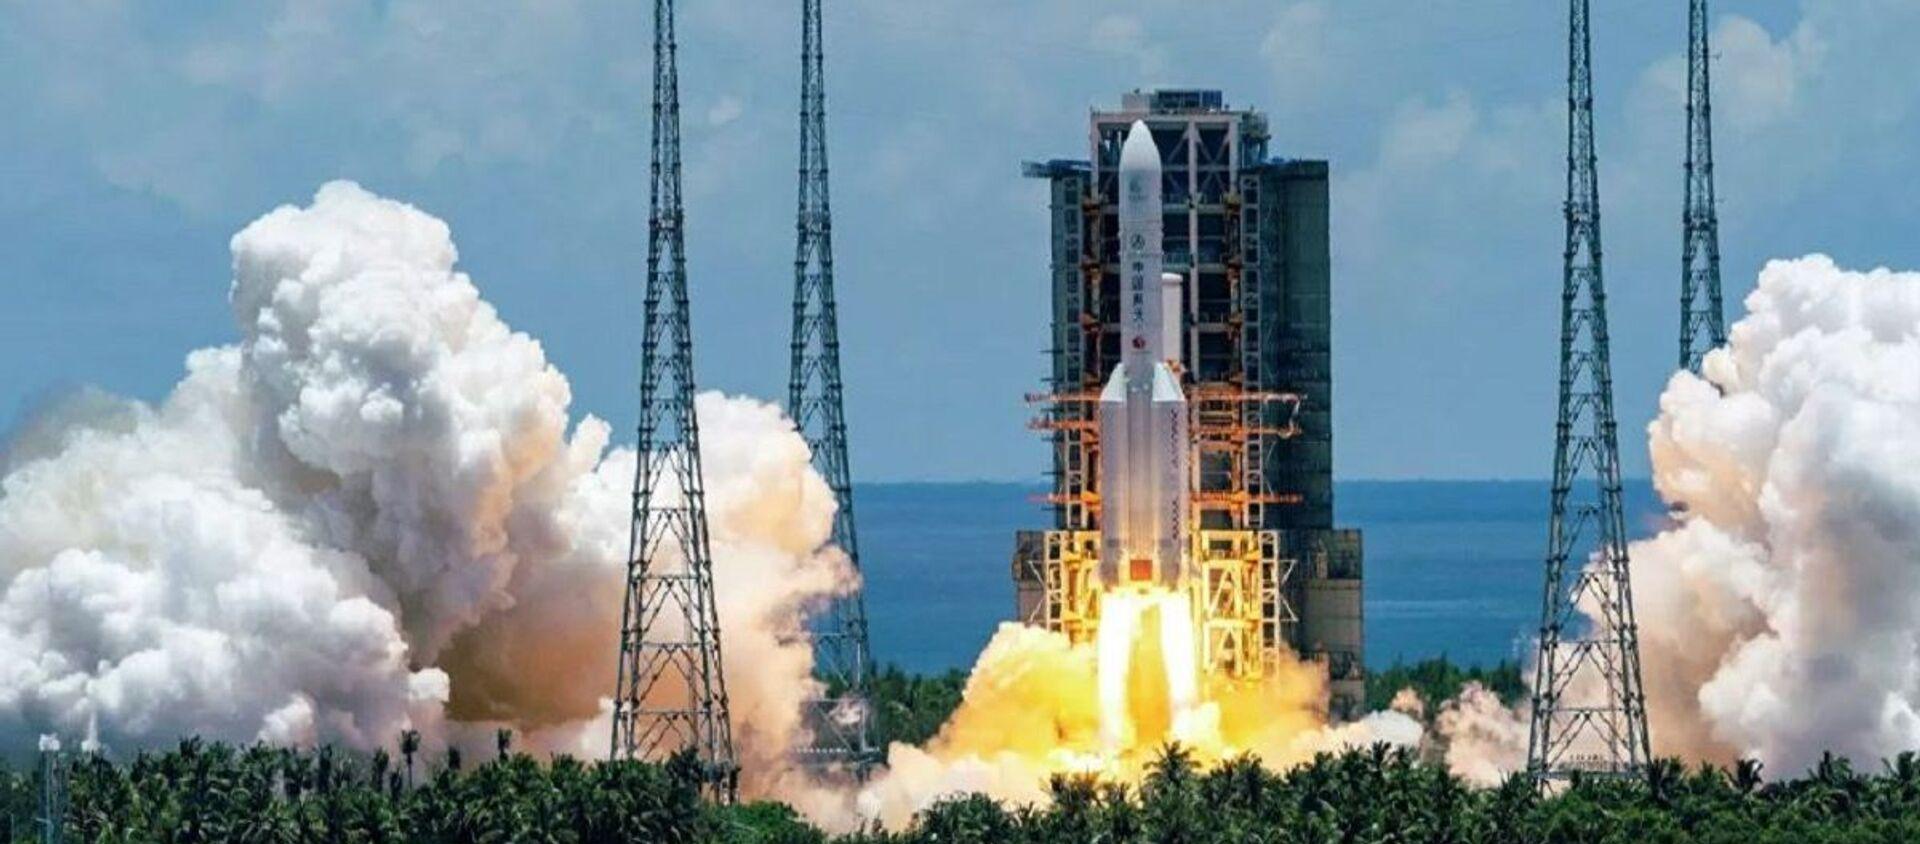 Запуск ракеты-носителя Чанчжэн-5 с первым зондом по исследованию Марса Тяньвэнь-1 с космодрома Вэньчан на острове Хайнань - Sputnik Абхазия, 1920, 19.12.2020